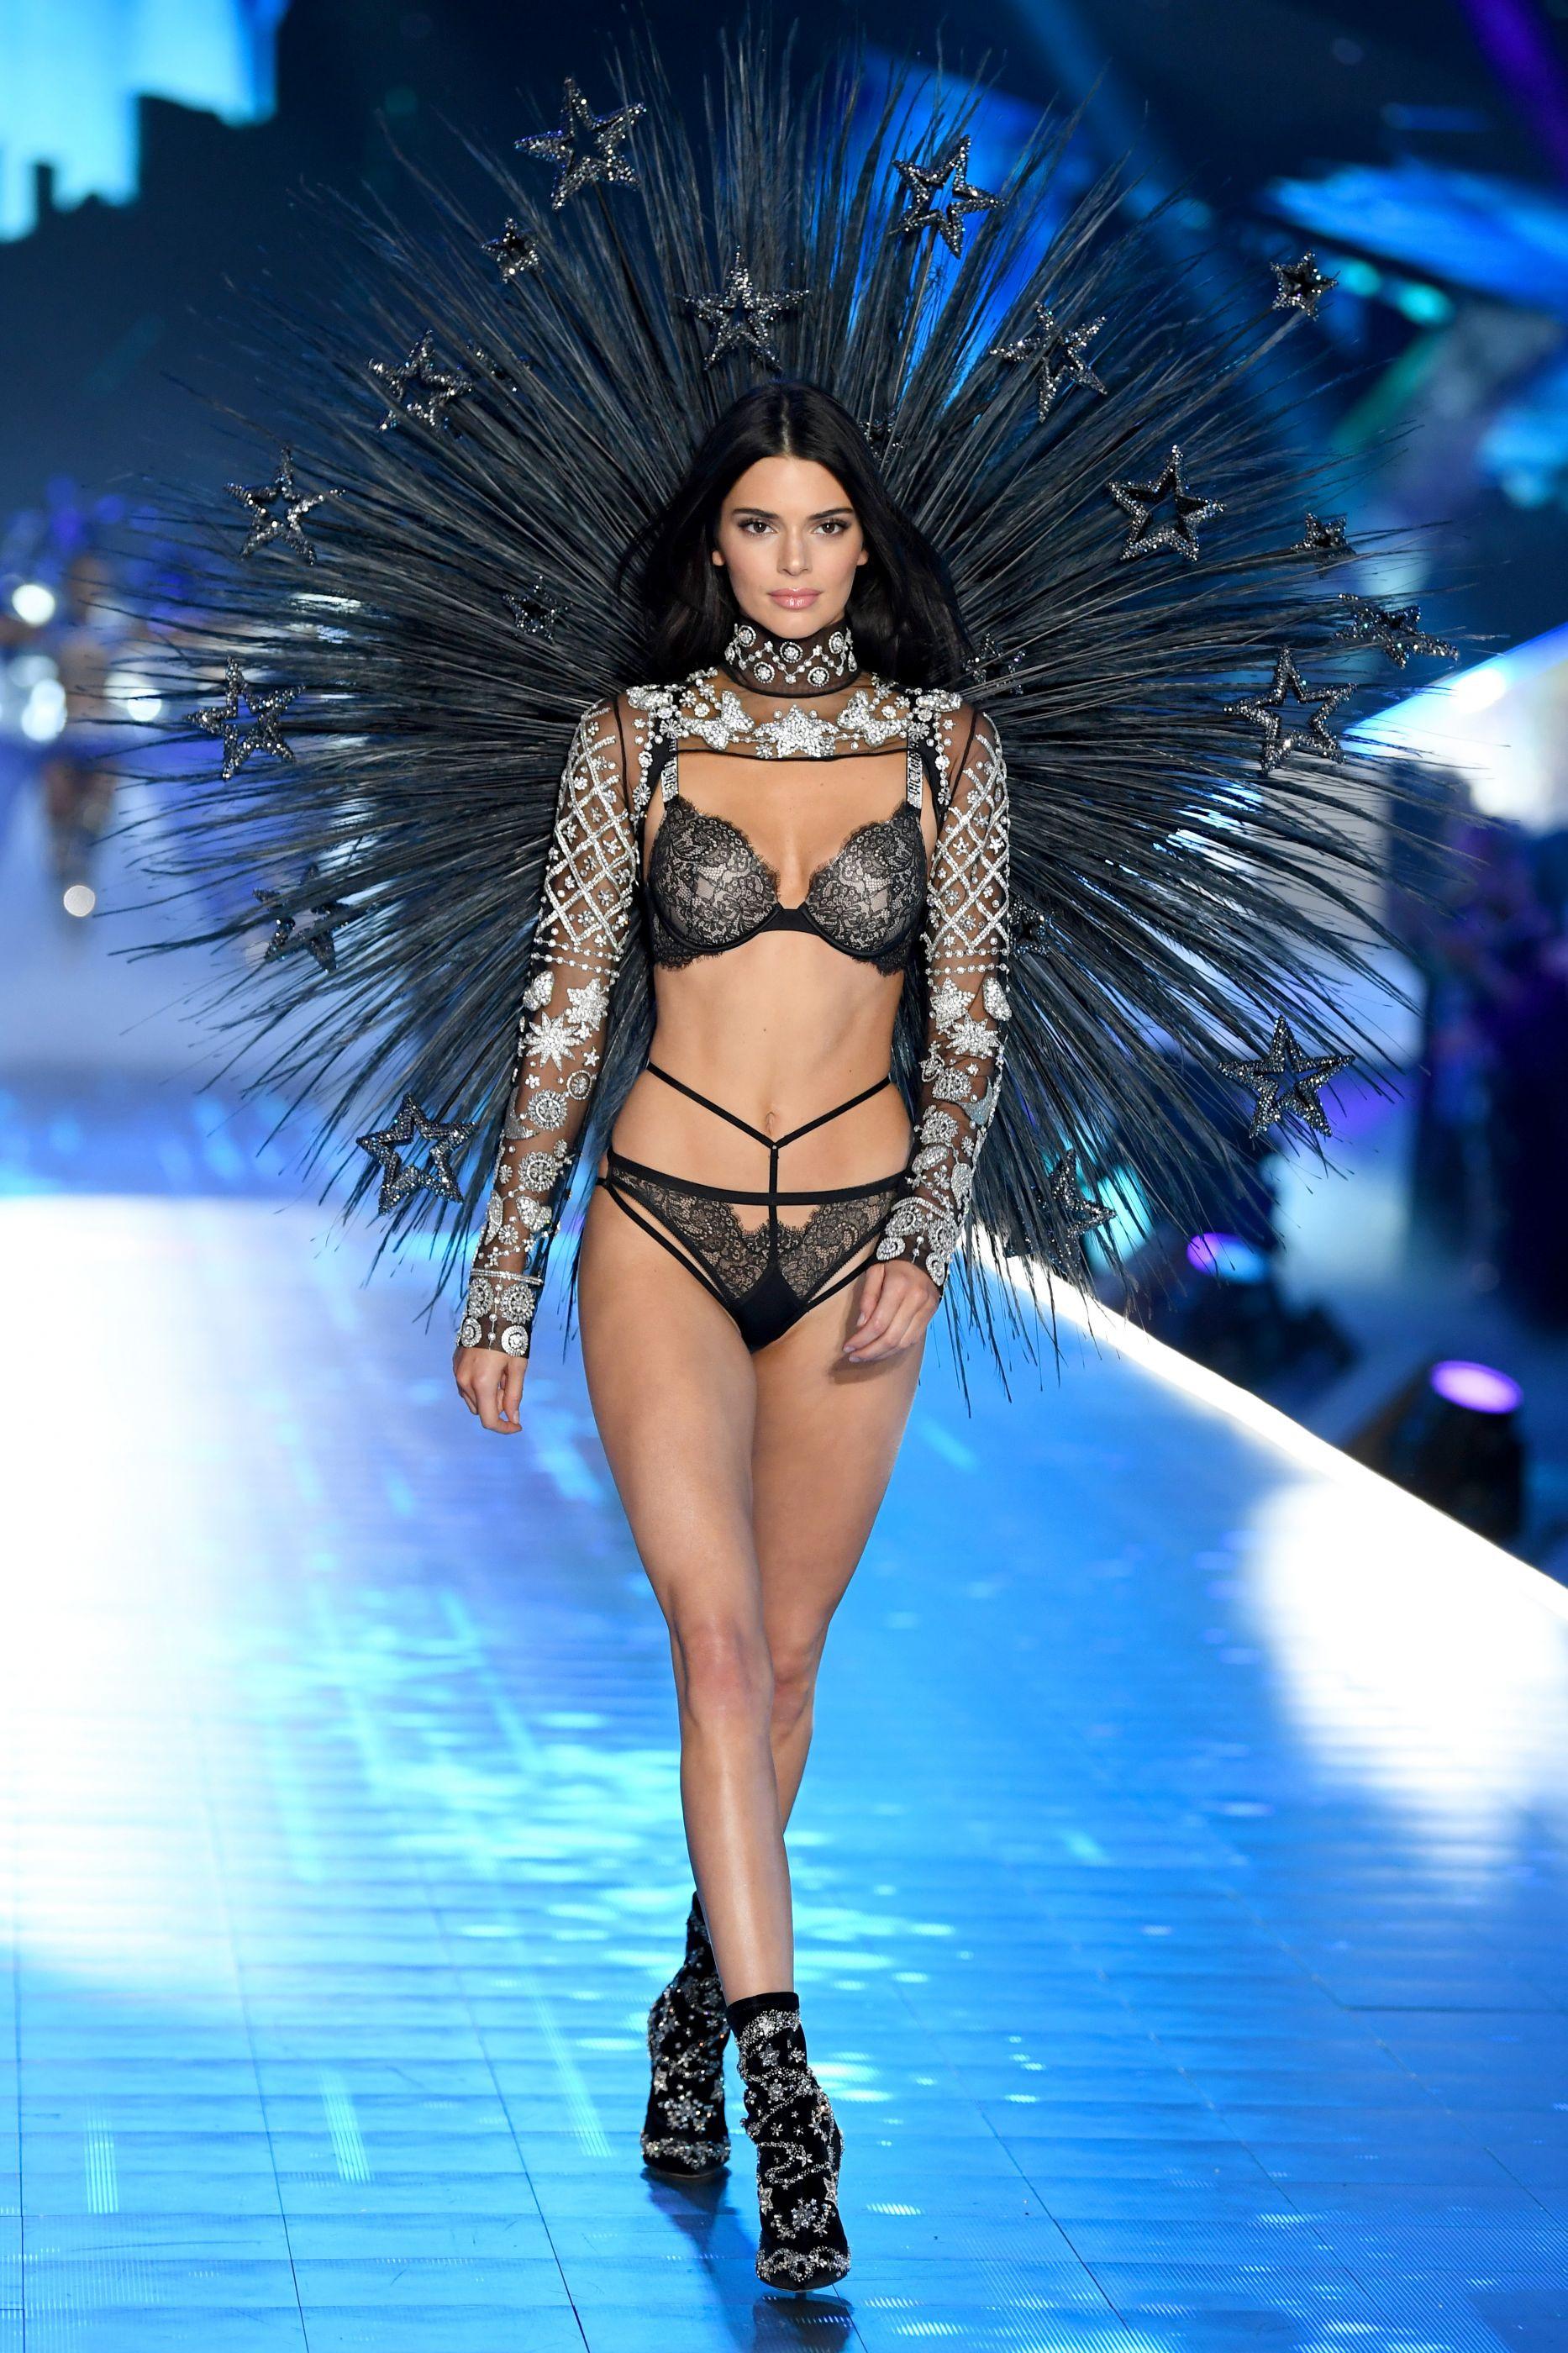 Pelo segundo ano consecutivo, Kendall Jenner é a modelo mais bem paga